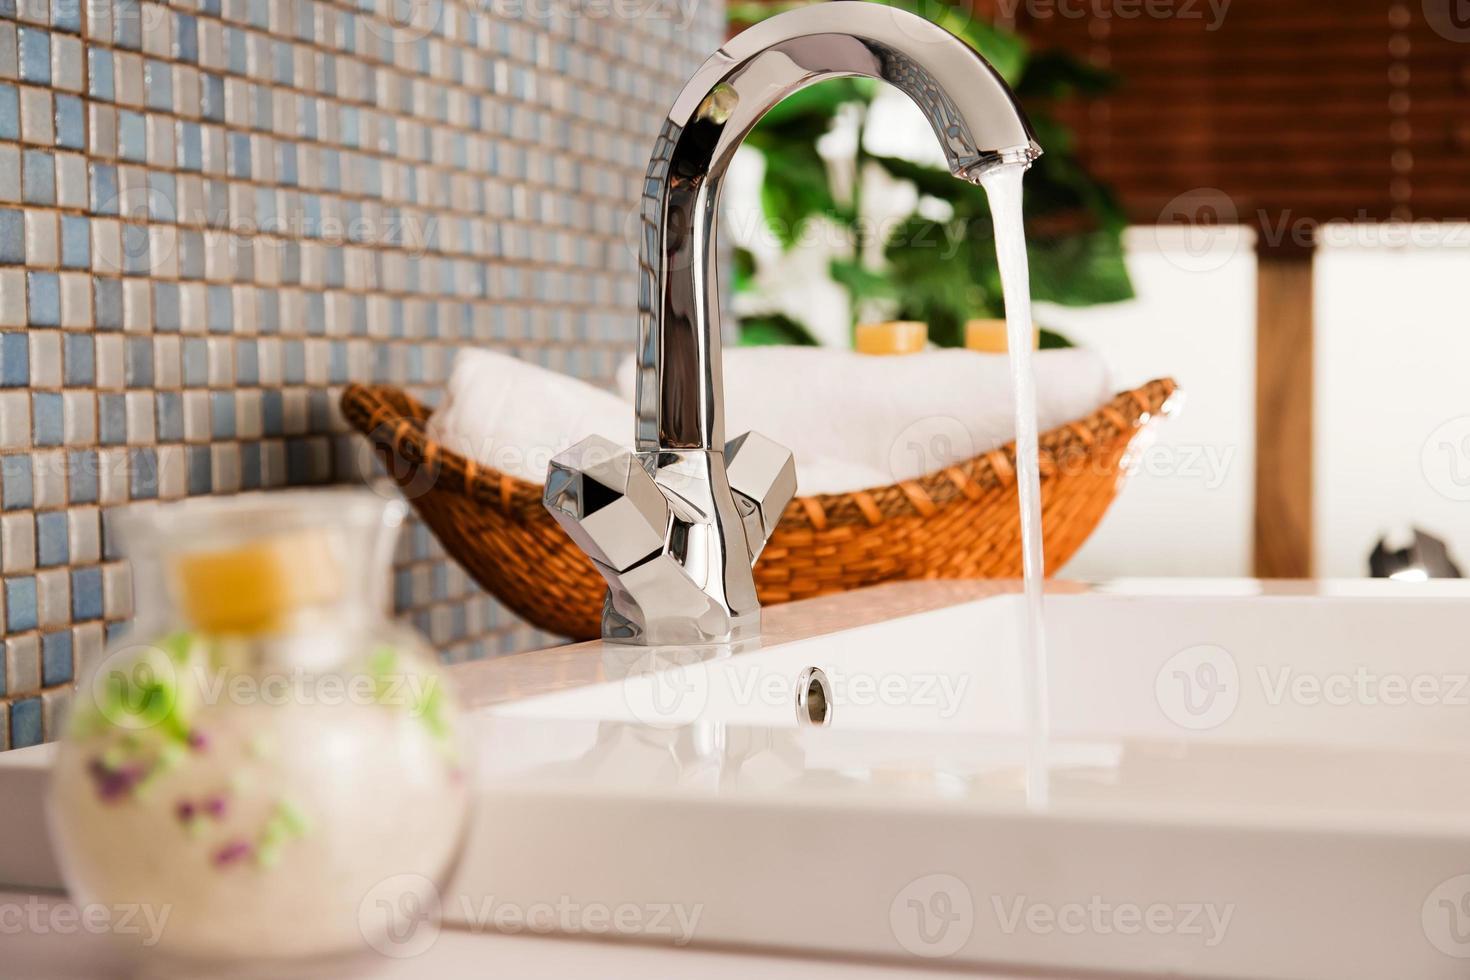 lavabo en un baño moderno foto